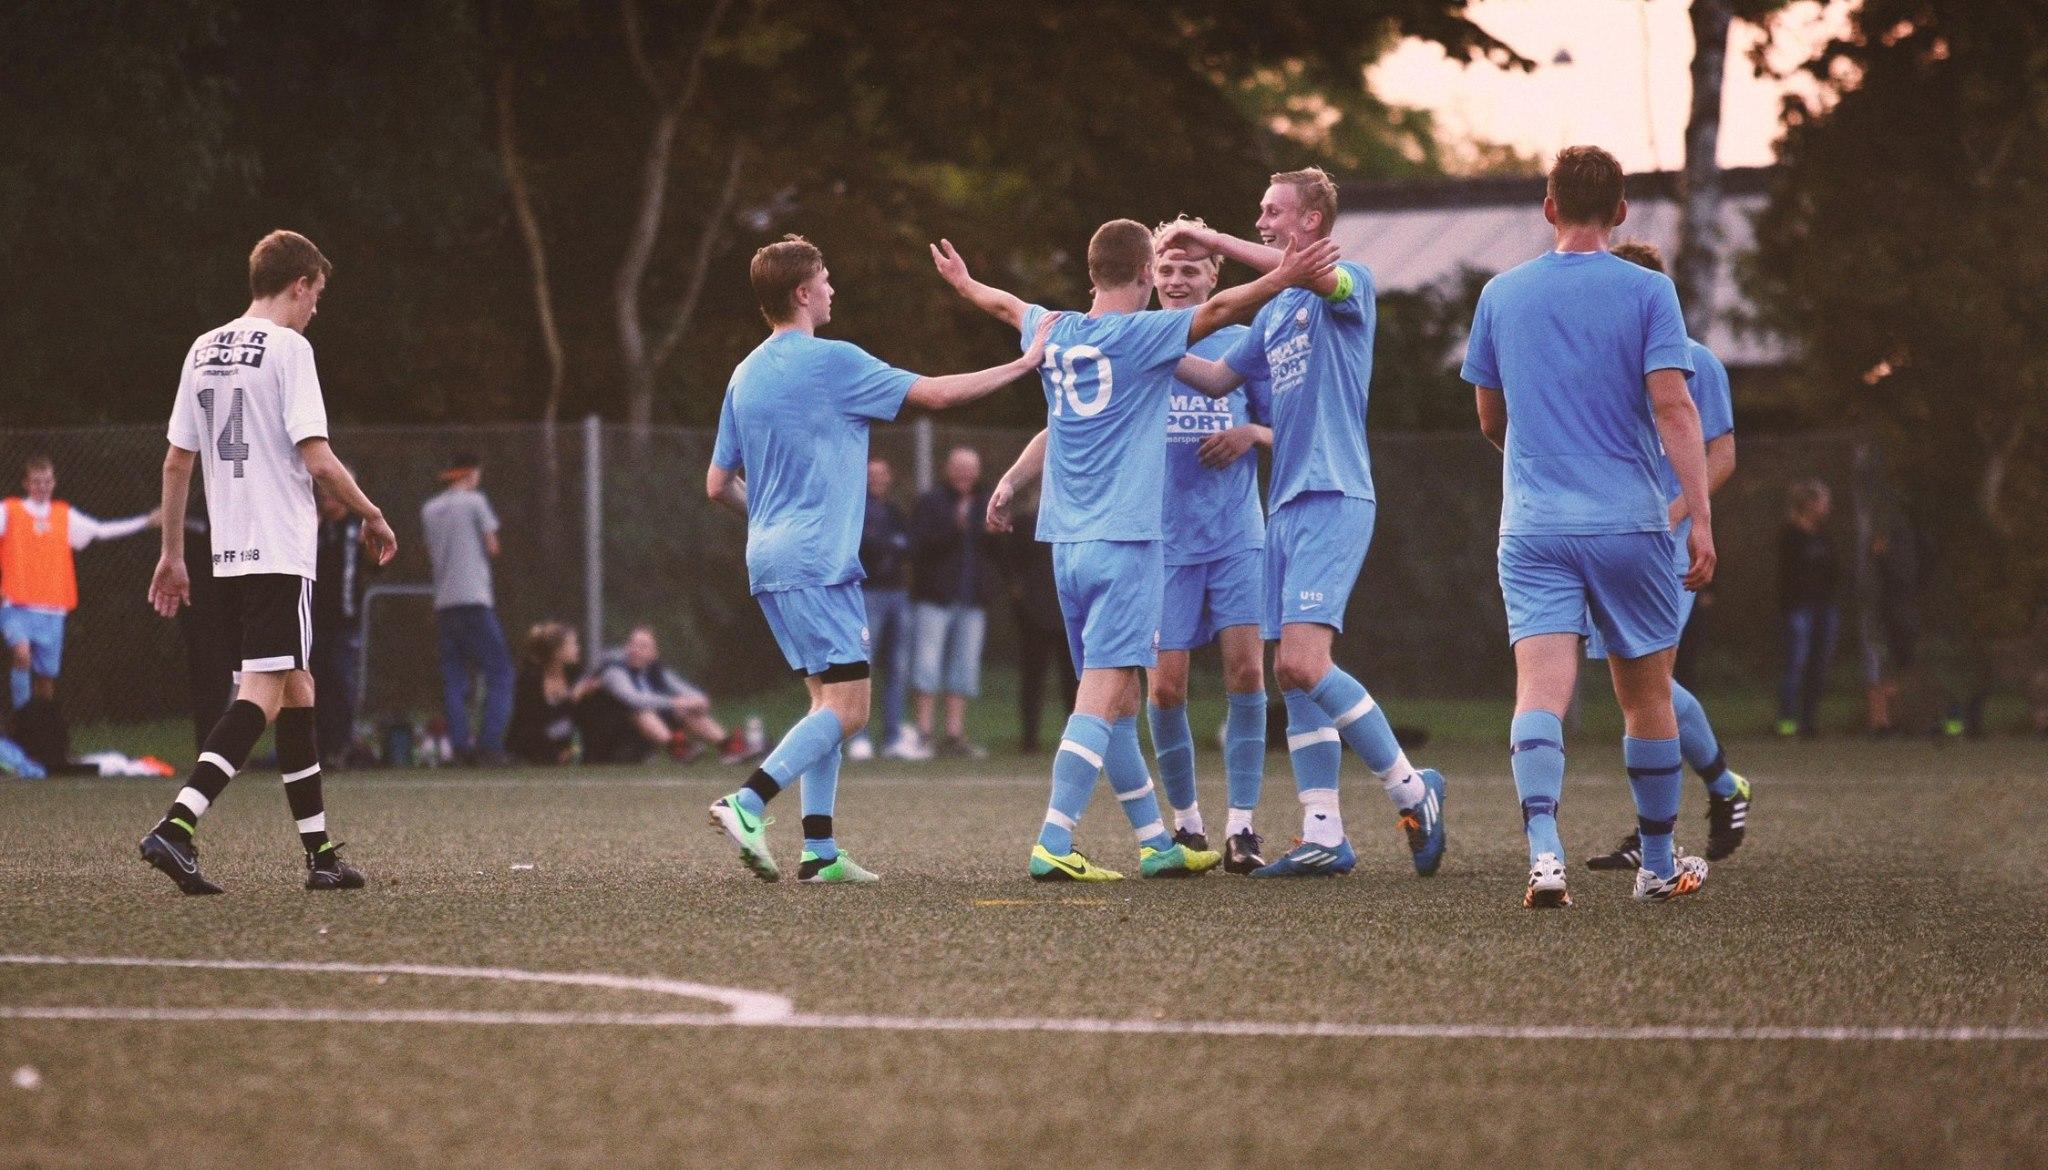 Mladým fotbalistům může s kariérou pomoct aplikace